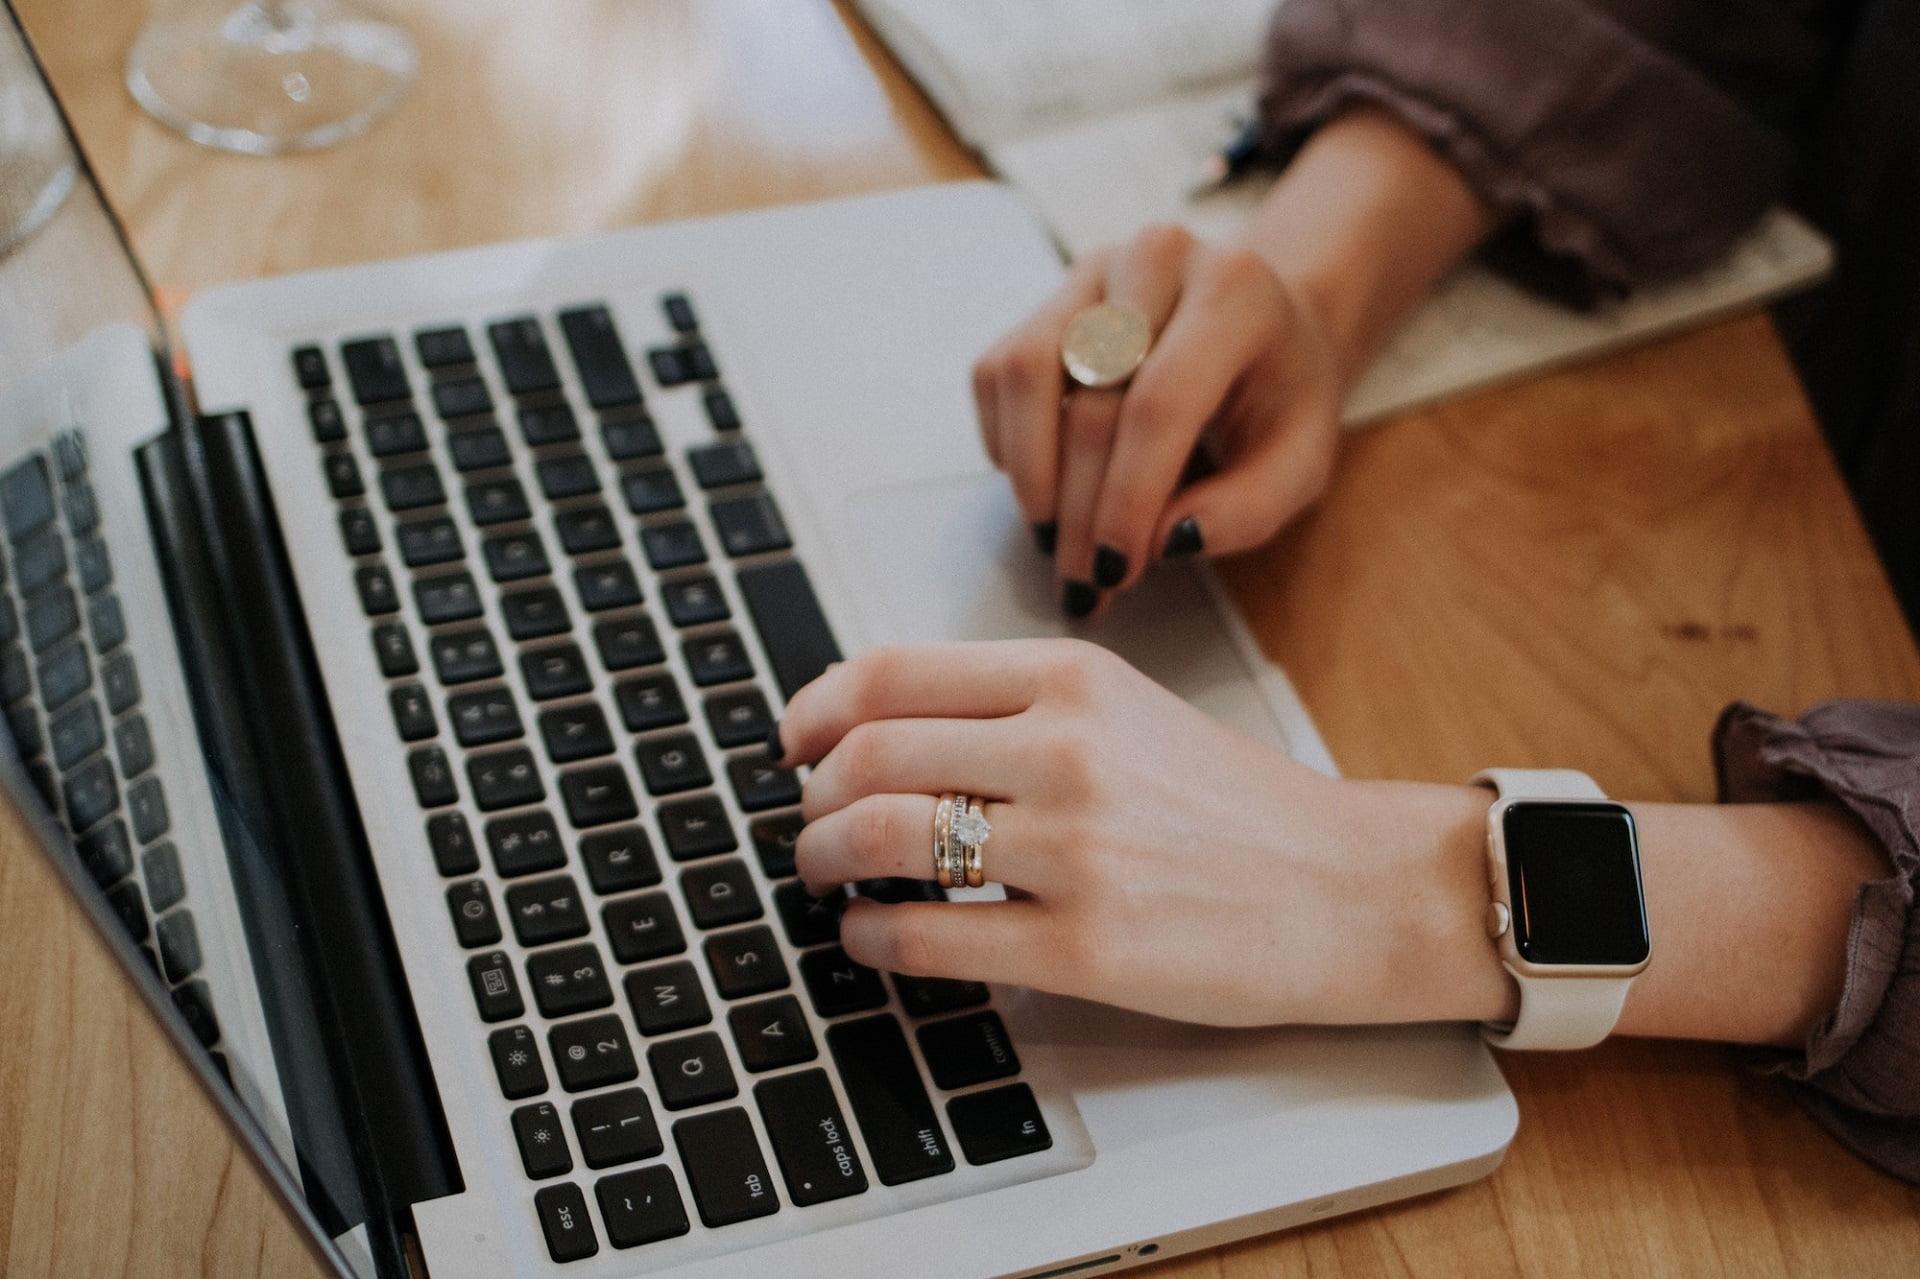 Kinh nghiệm làm cộng tác viên bán hàng online 1